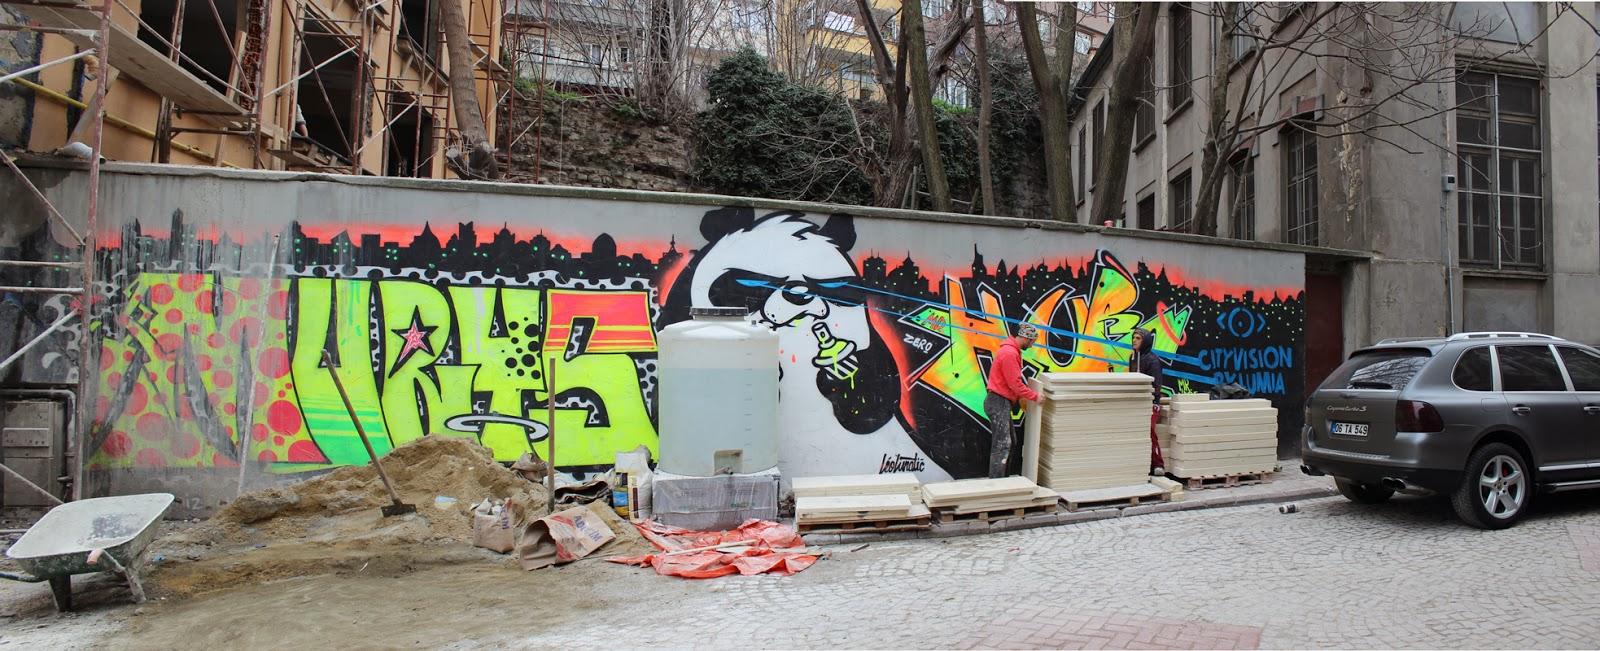 İstanbul Graffiti